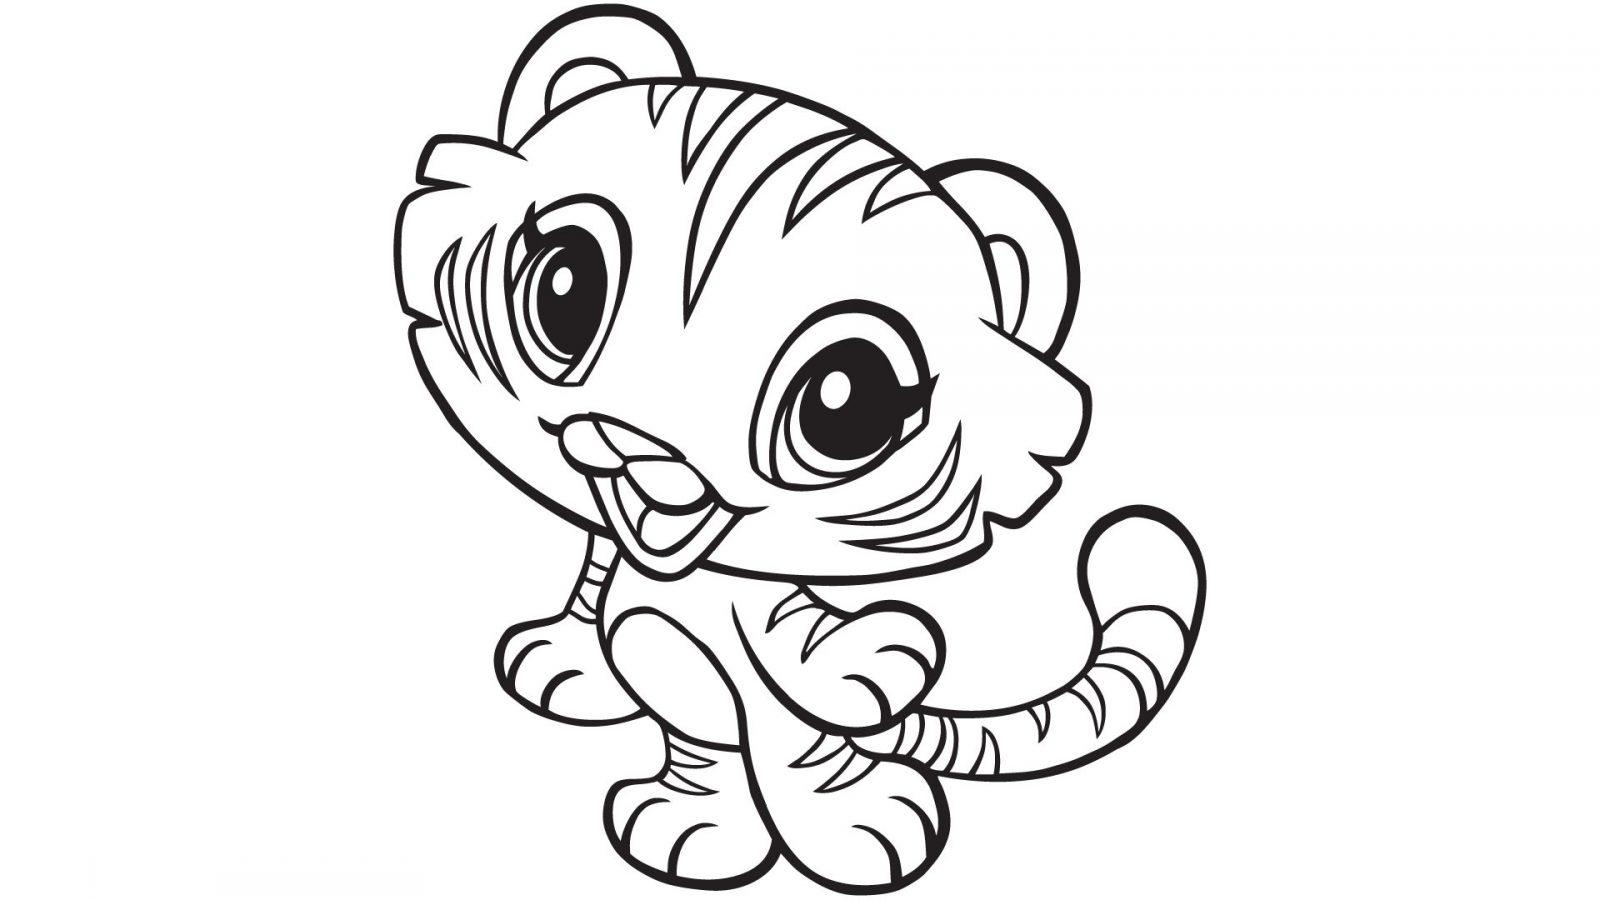 Galería de imágenes: Dibujos de tigres para colorear